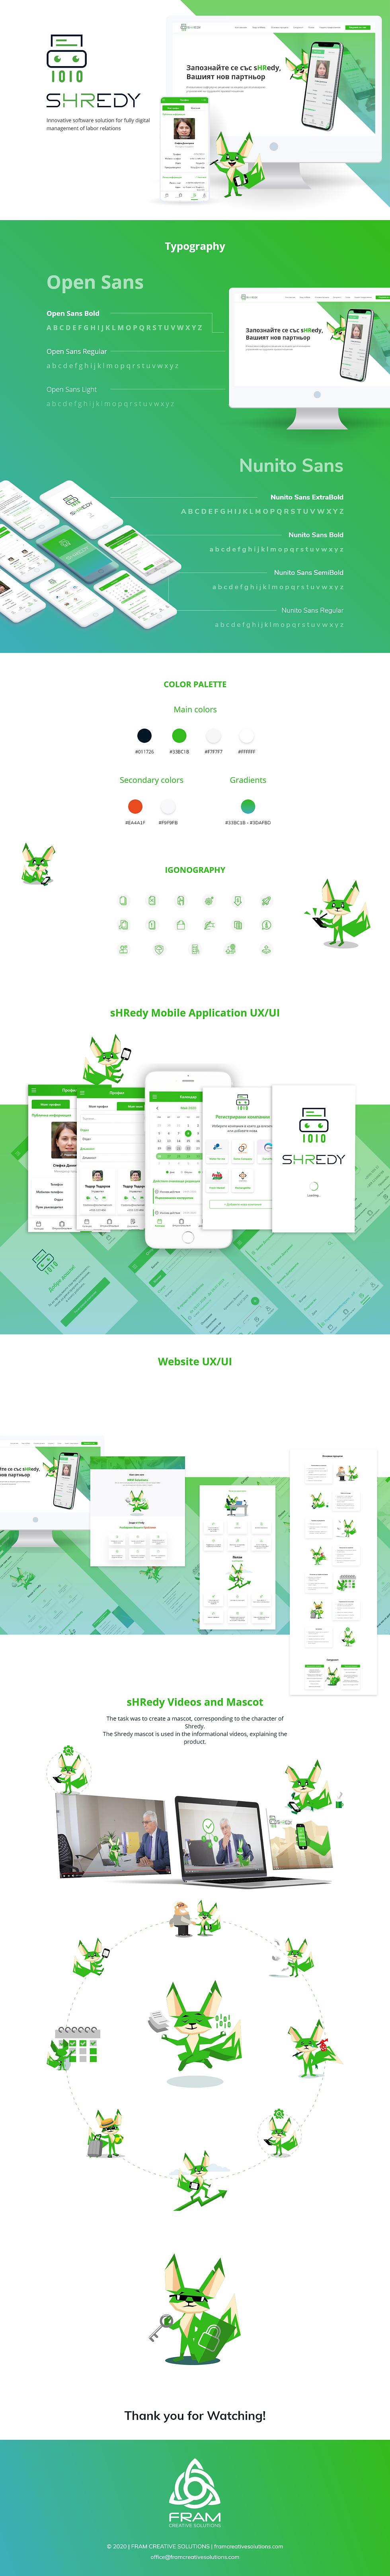 SHREDDY_case_study.png